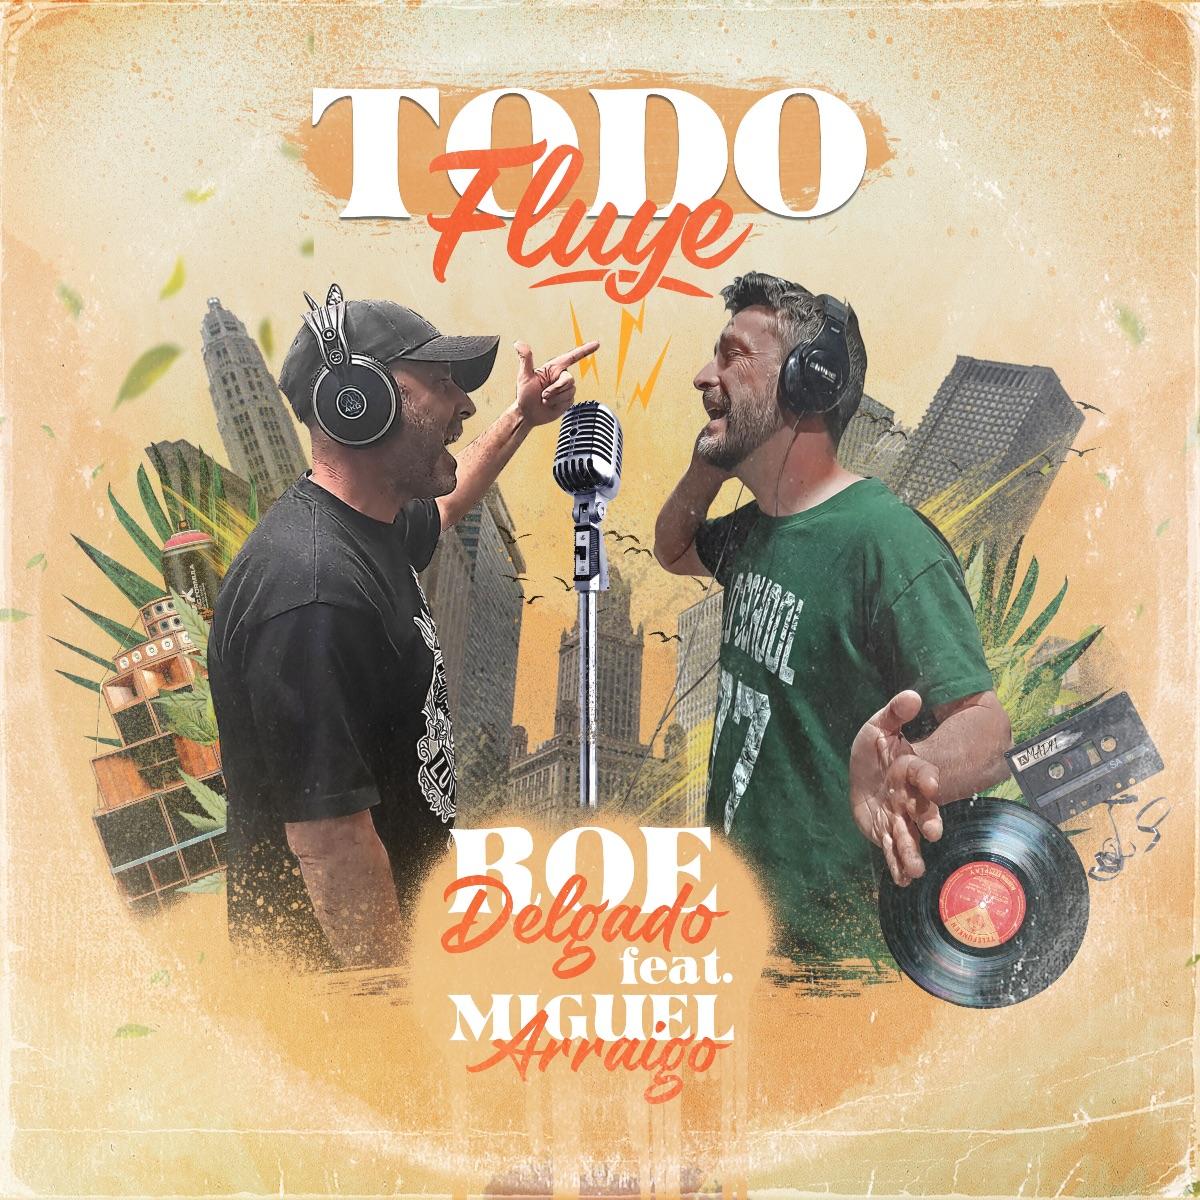 """""""Todo Fluye"""" es el nuevo sencillo de Roe Delgado que en esta ocasión ha contado con la colaboración de Miguel Arraigo"""